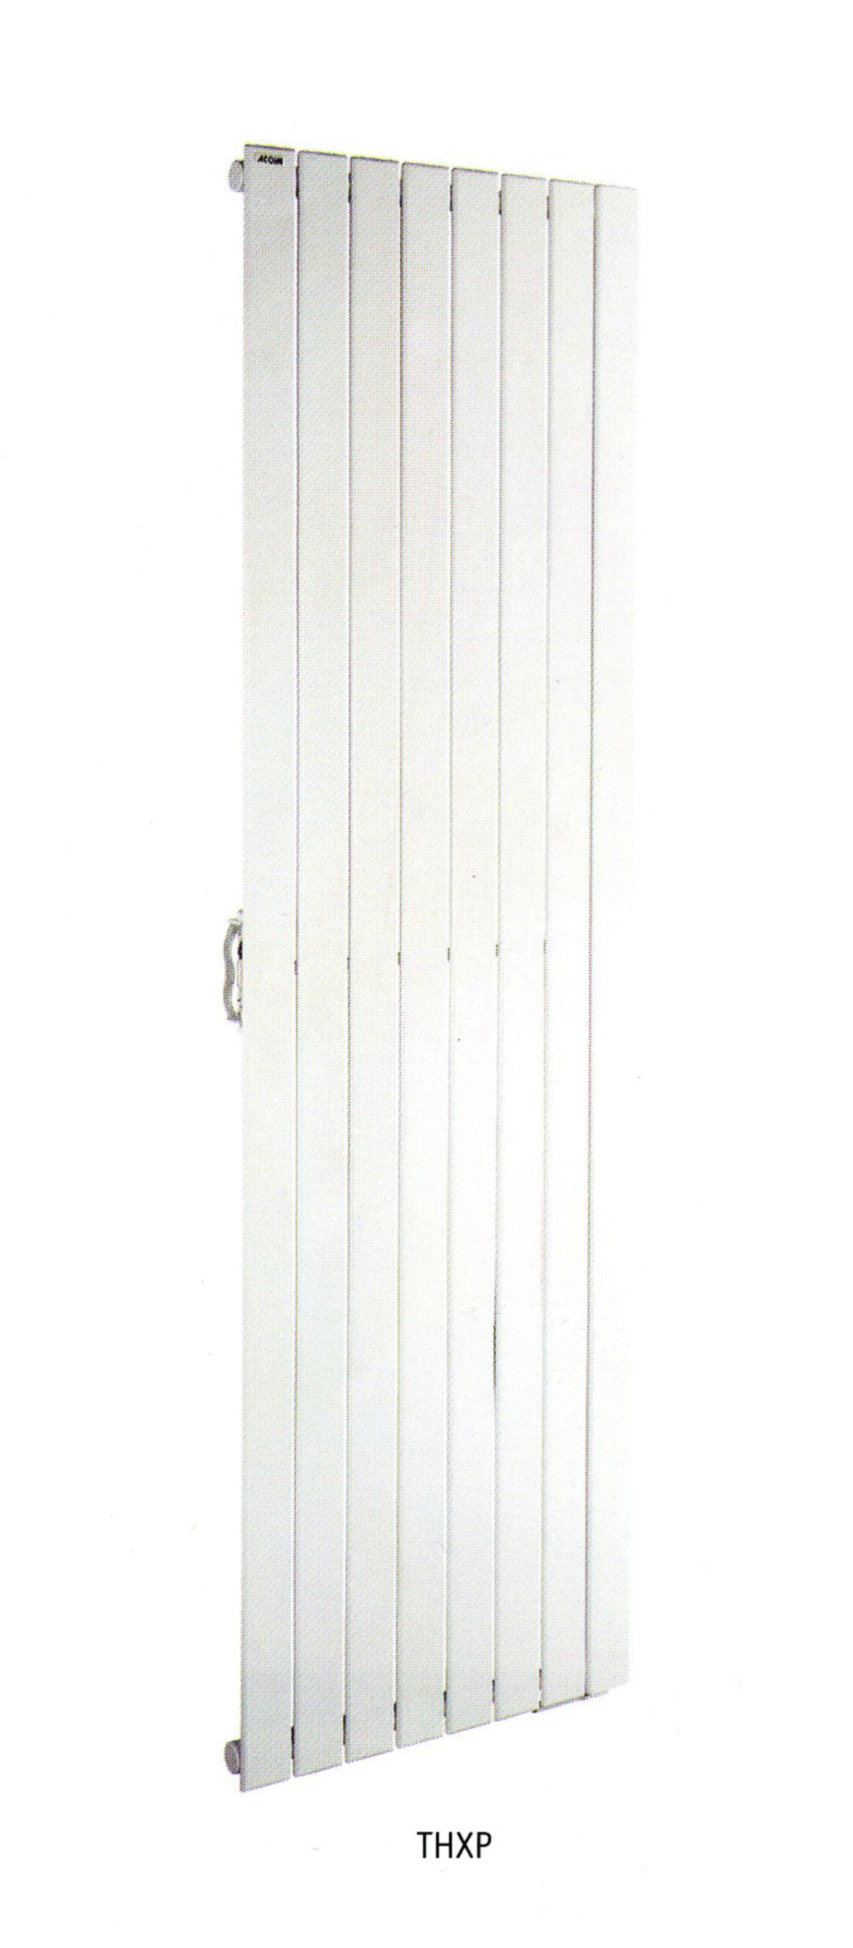 radiateur a inertie fluide caloporteur acova fassane thxp. Black Bedroom Furniture Sets. Home Design Ideas